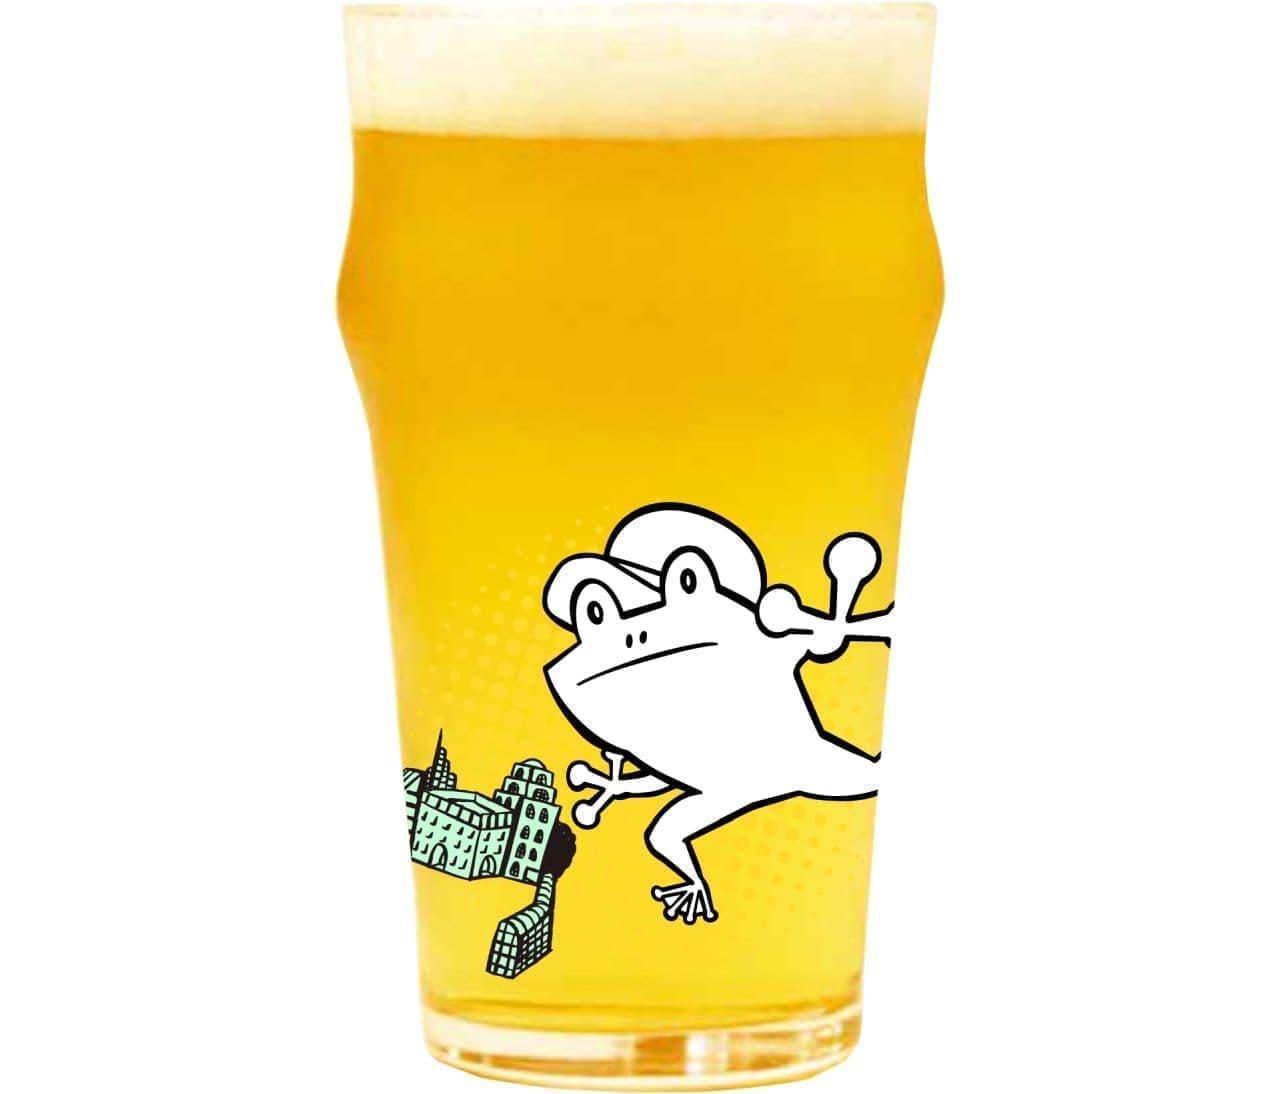 よなよなの里「僕ビール君ビール 専用グラス」